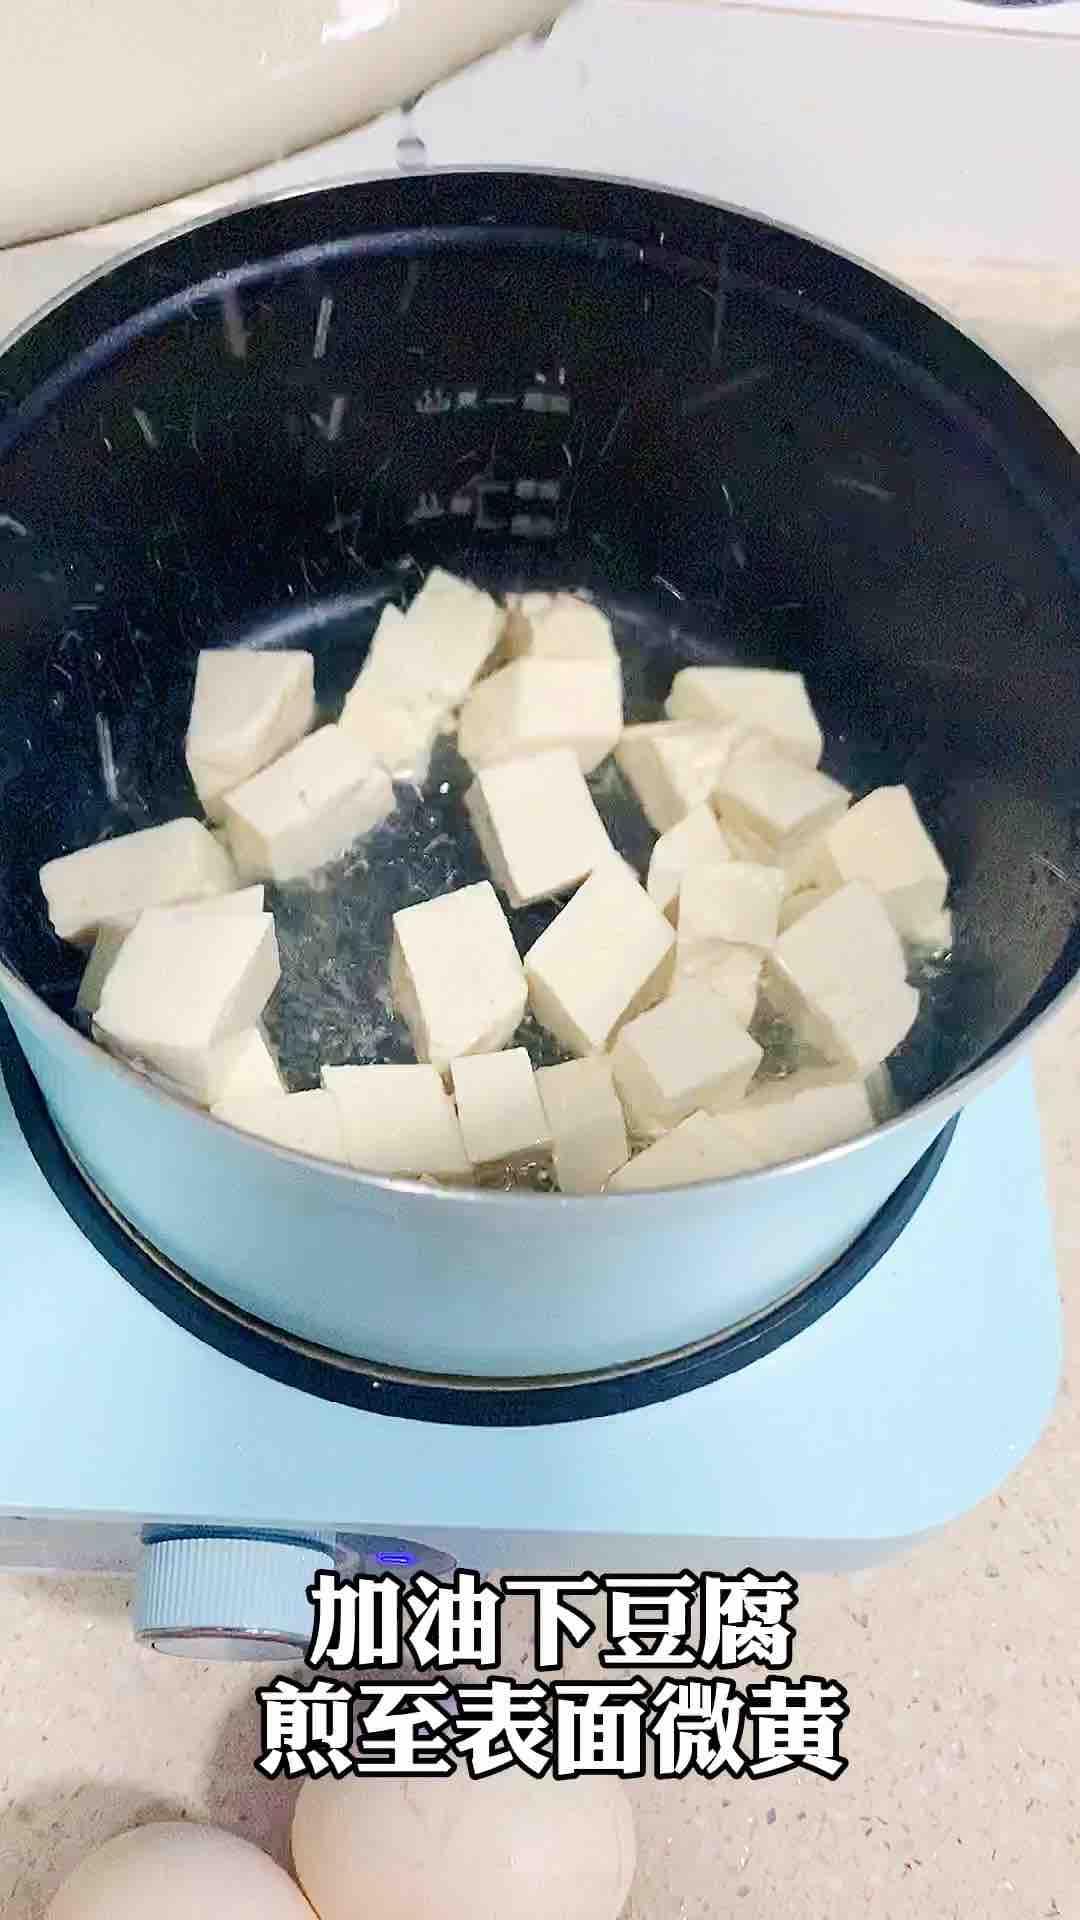 番茄鸡蛋烩豆腐。的做法图解